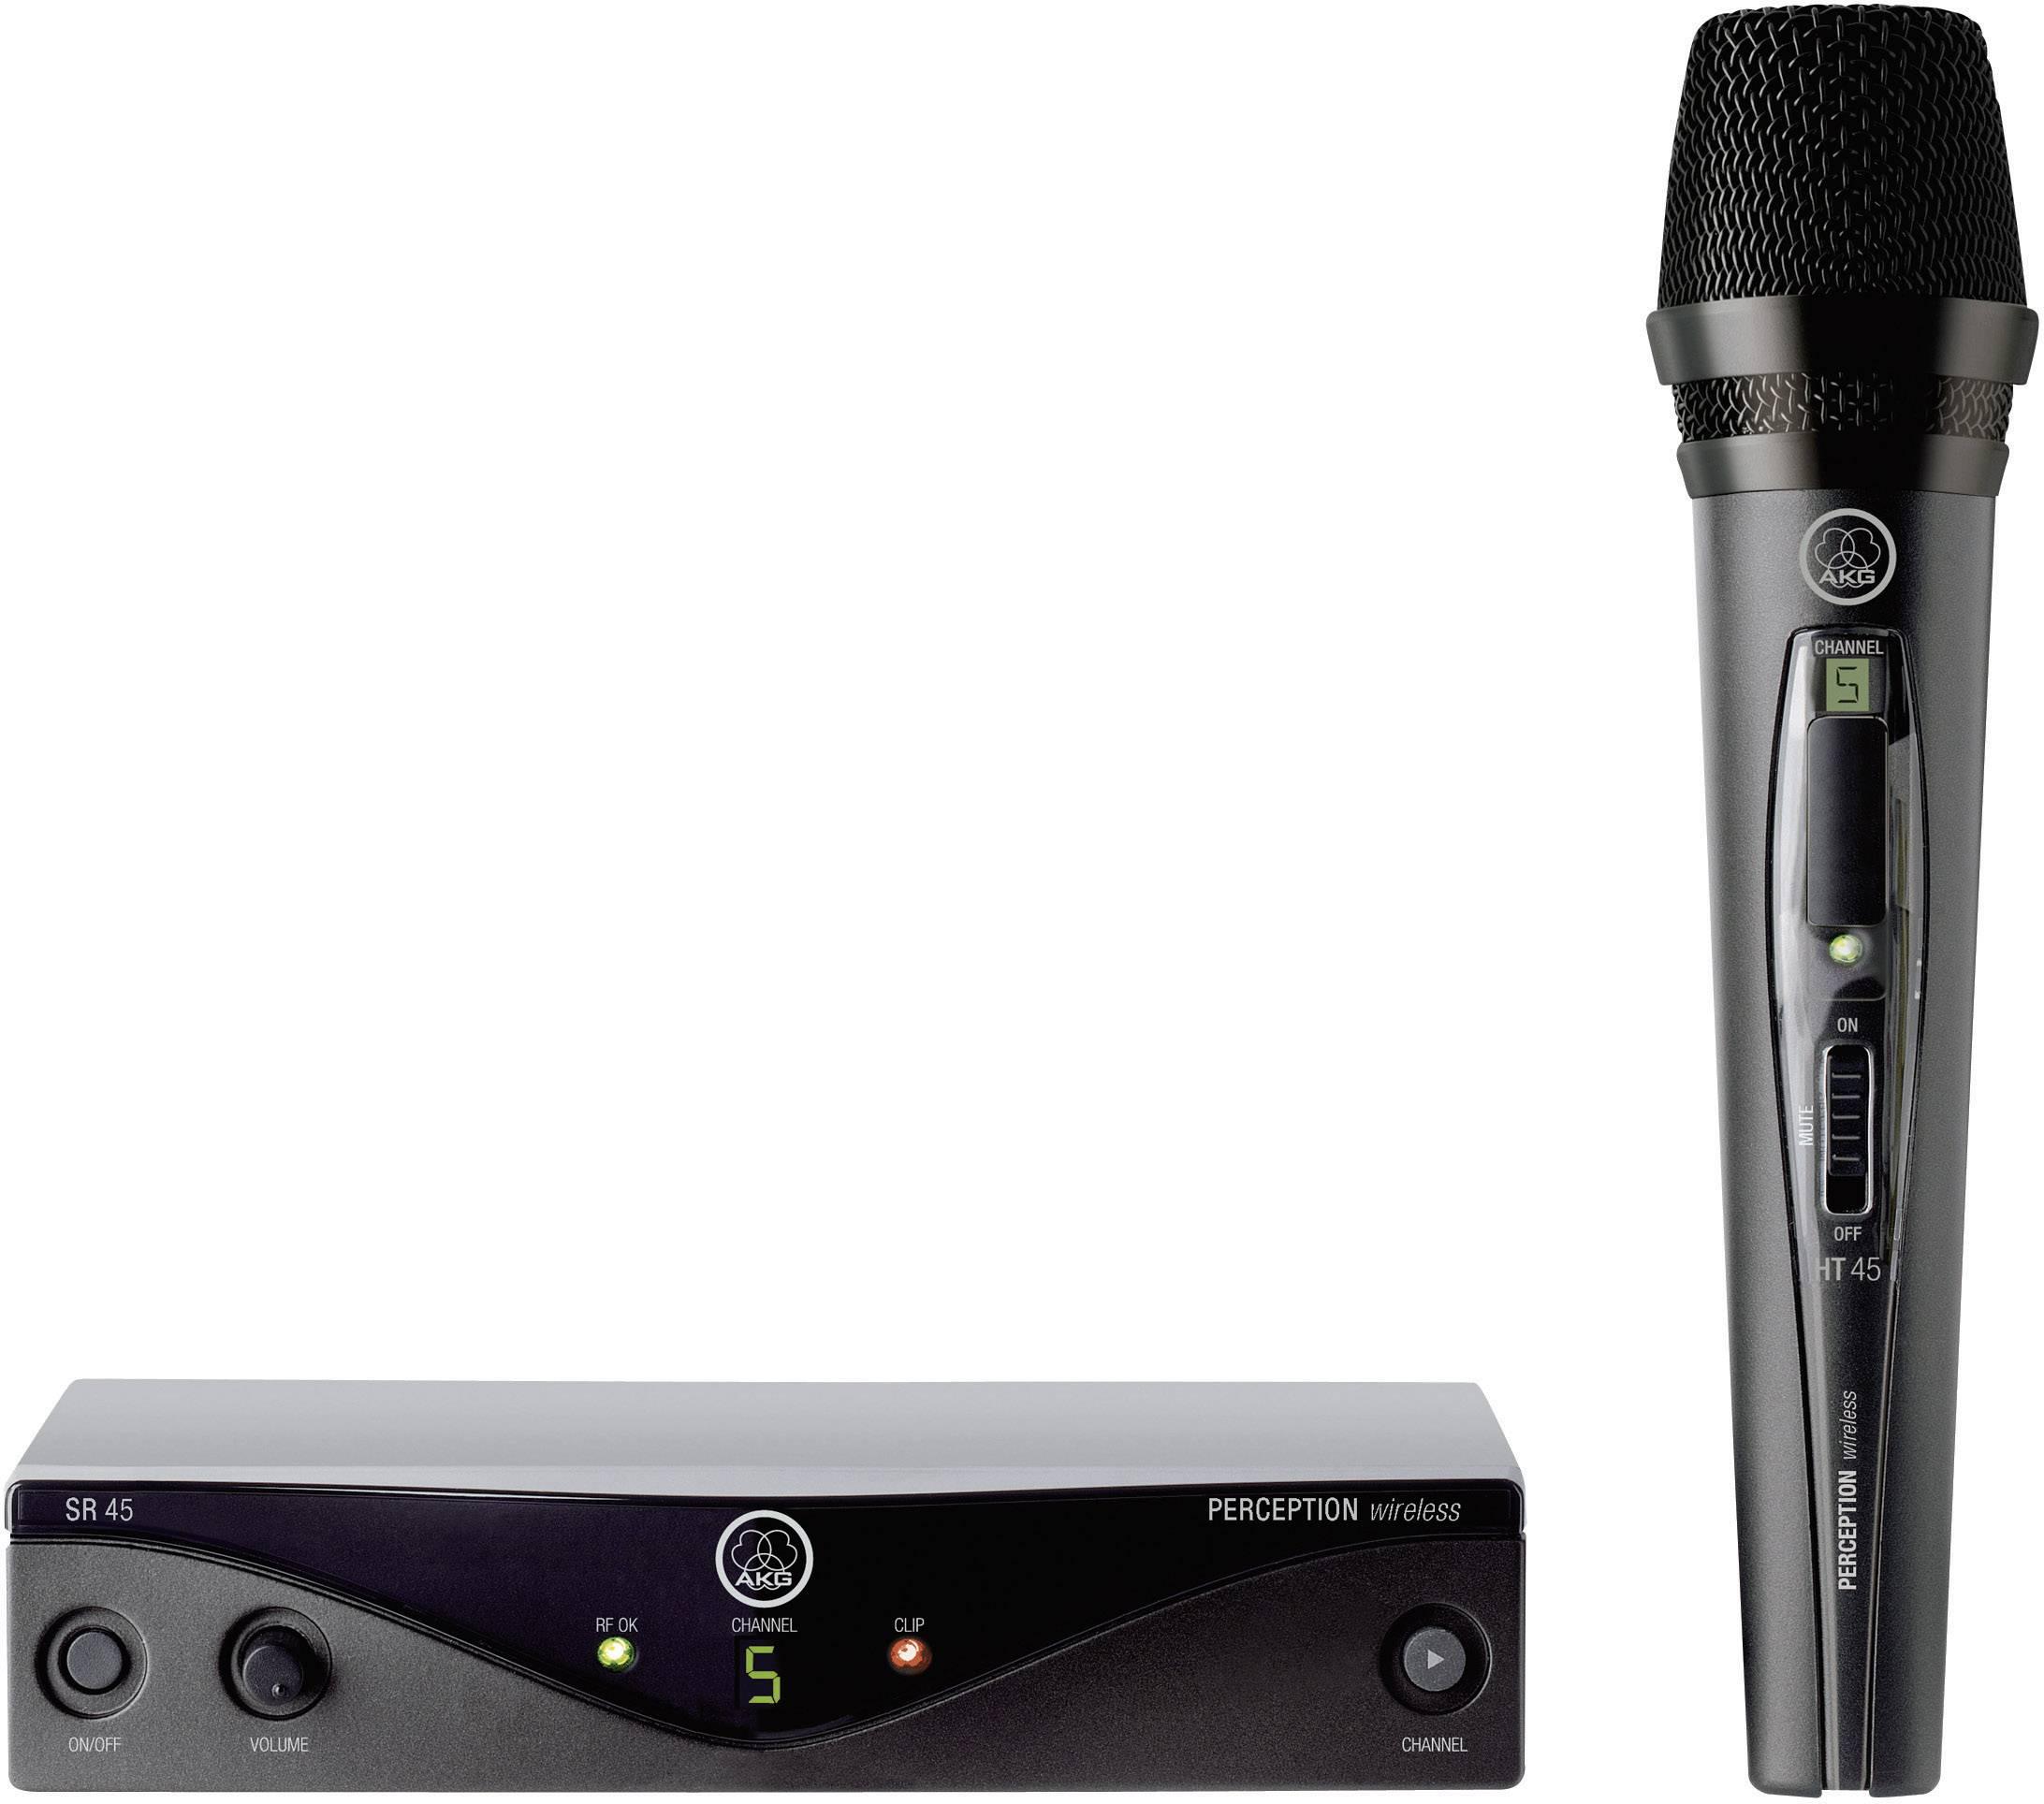 Sada bezdrôtového mikrofónu AKG PW45